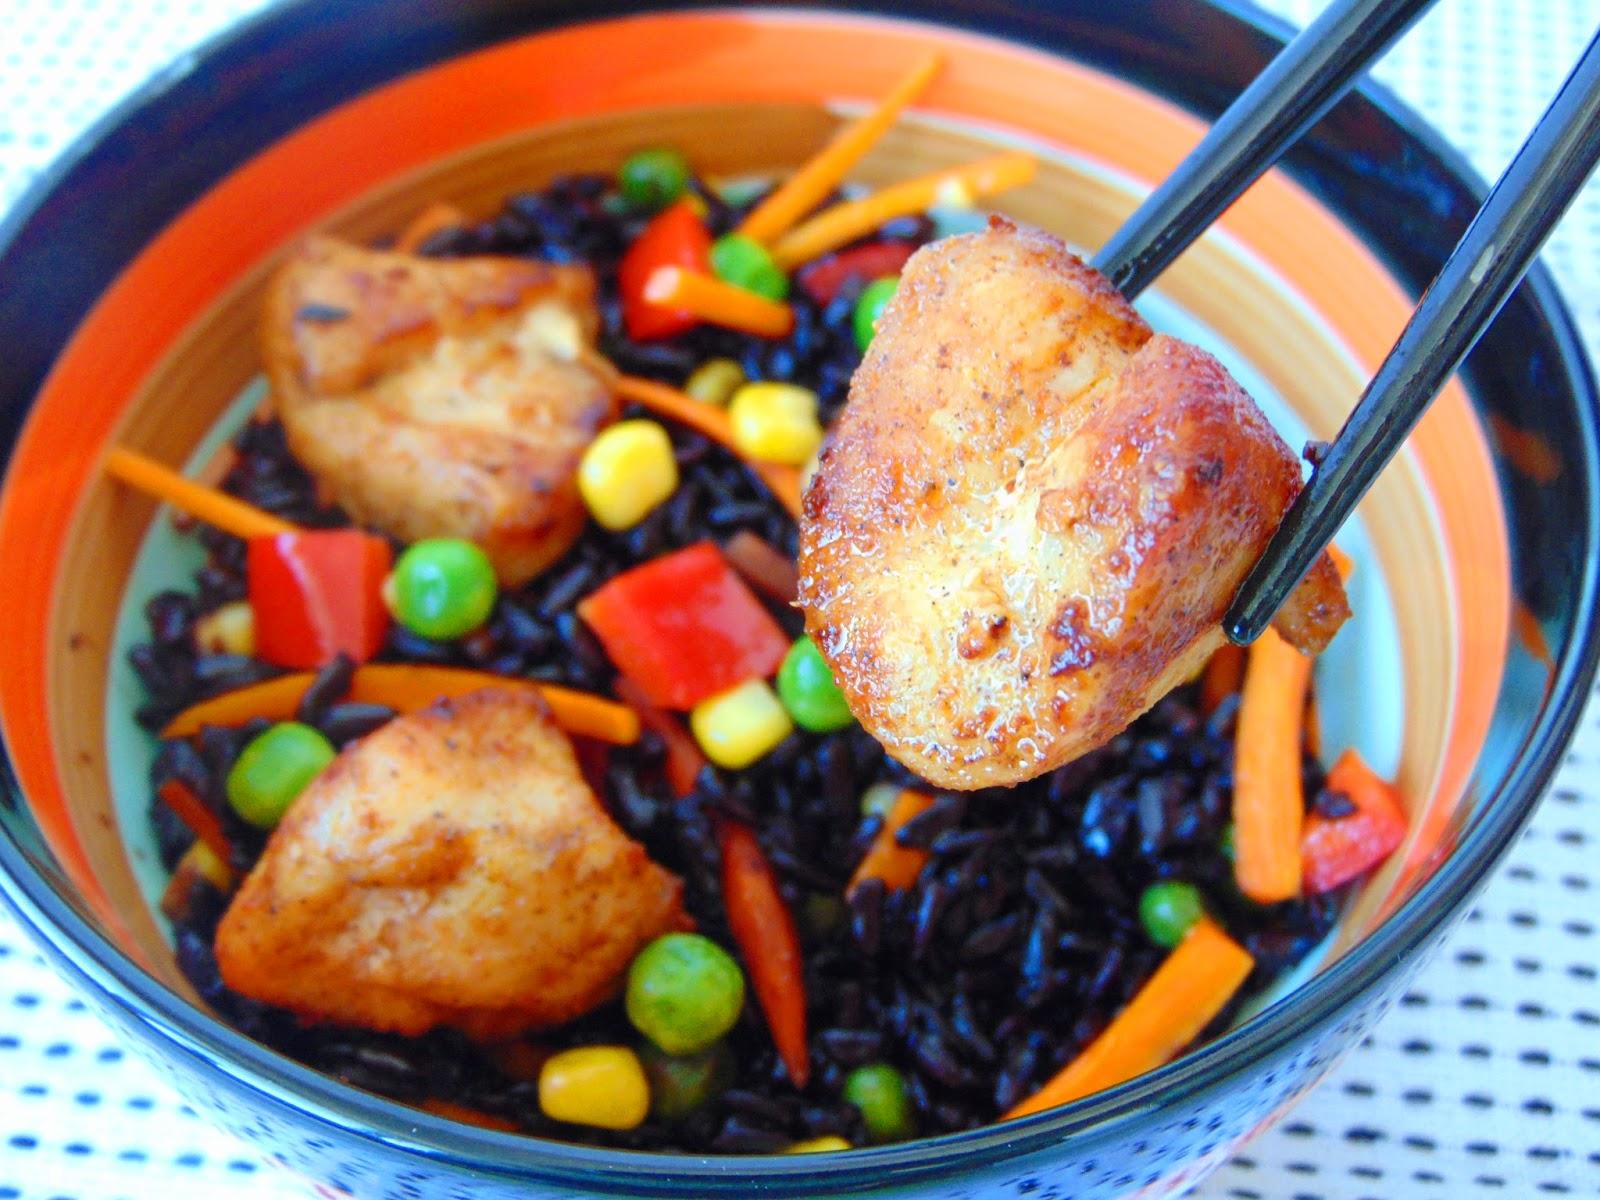 Piept-de-pui-cu-orez-negru-si-legume-2